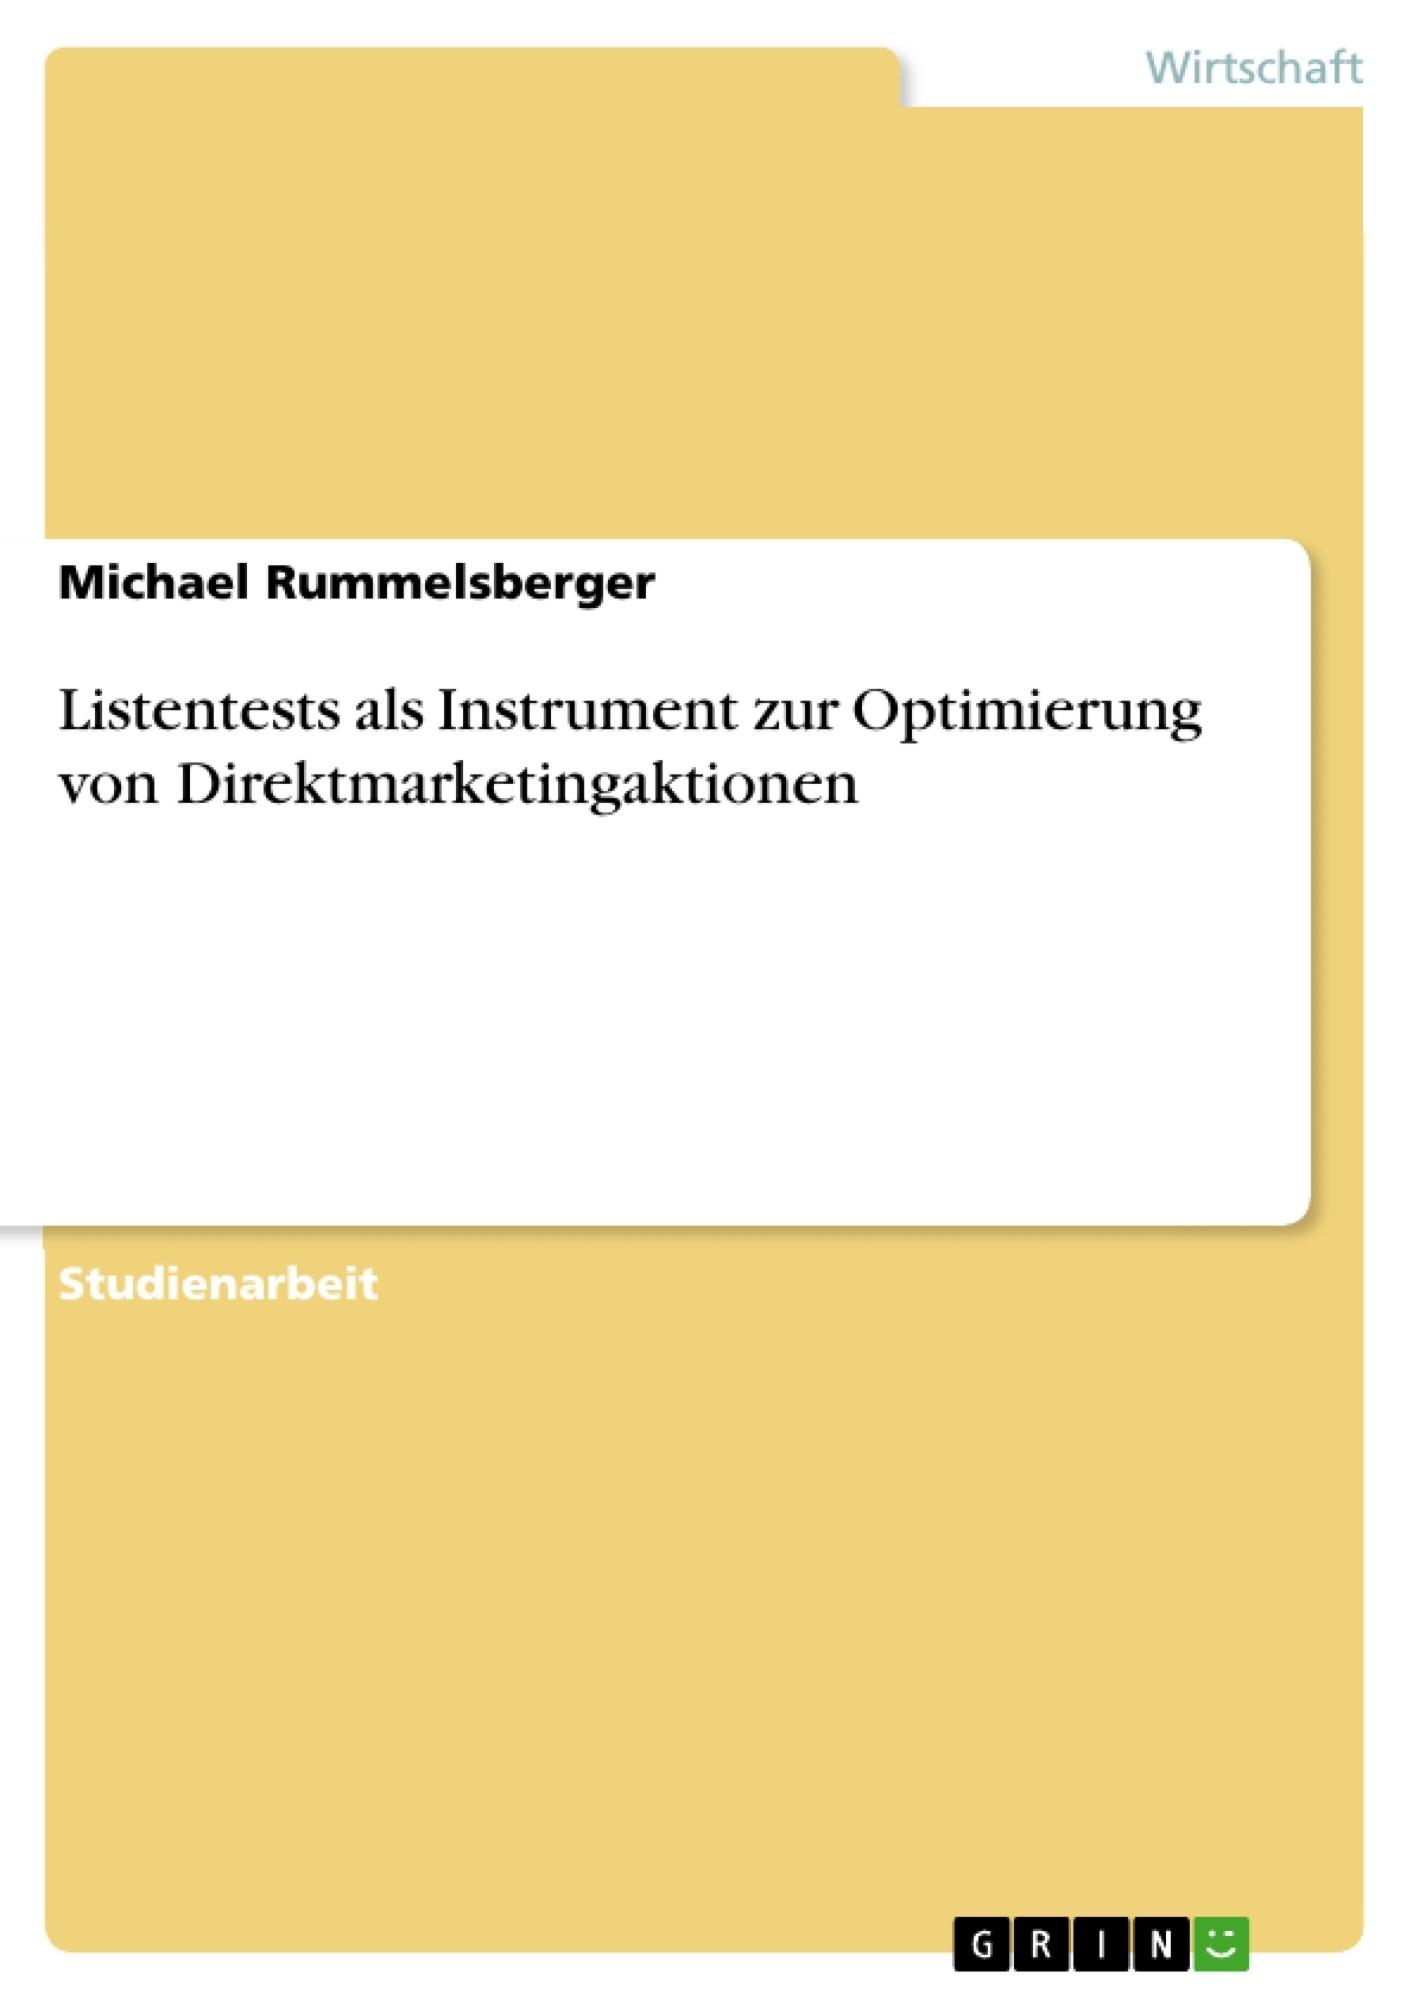 Titel: Listentests als Instrument zur Optimierung von Direktmarketingaktionen